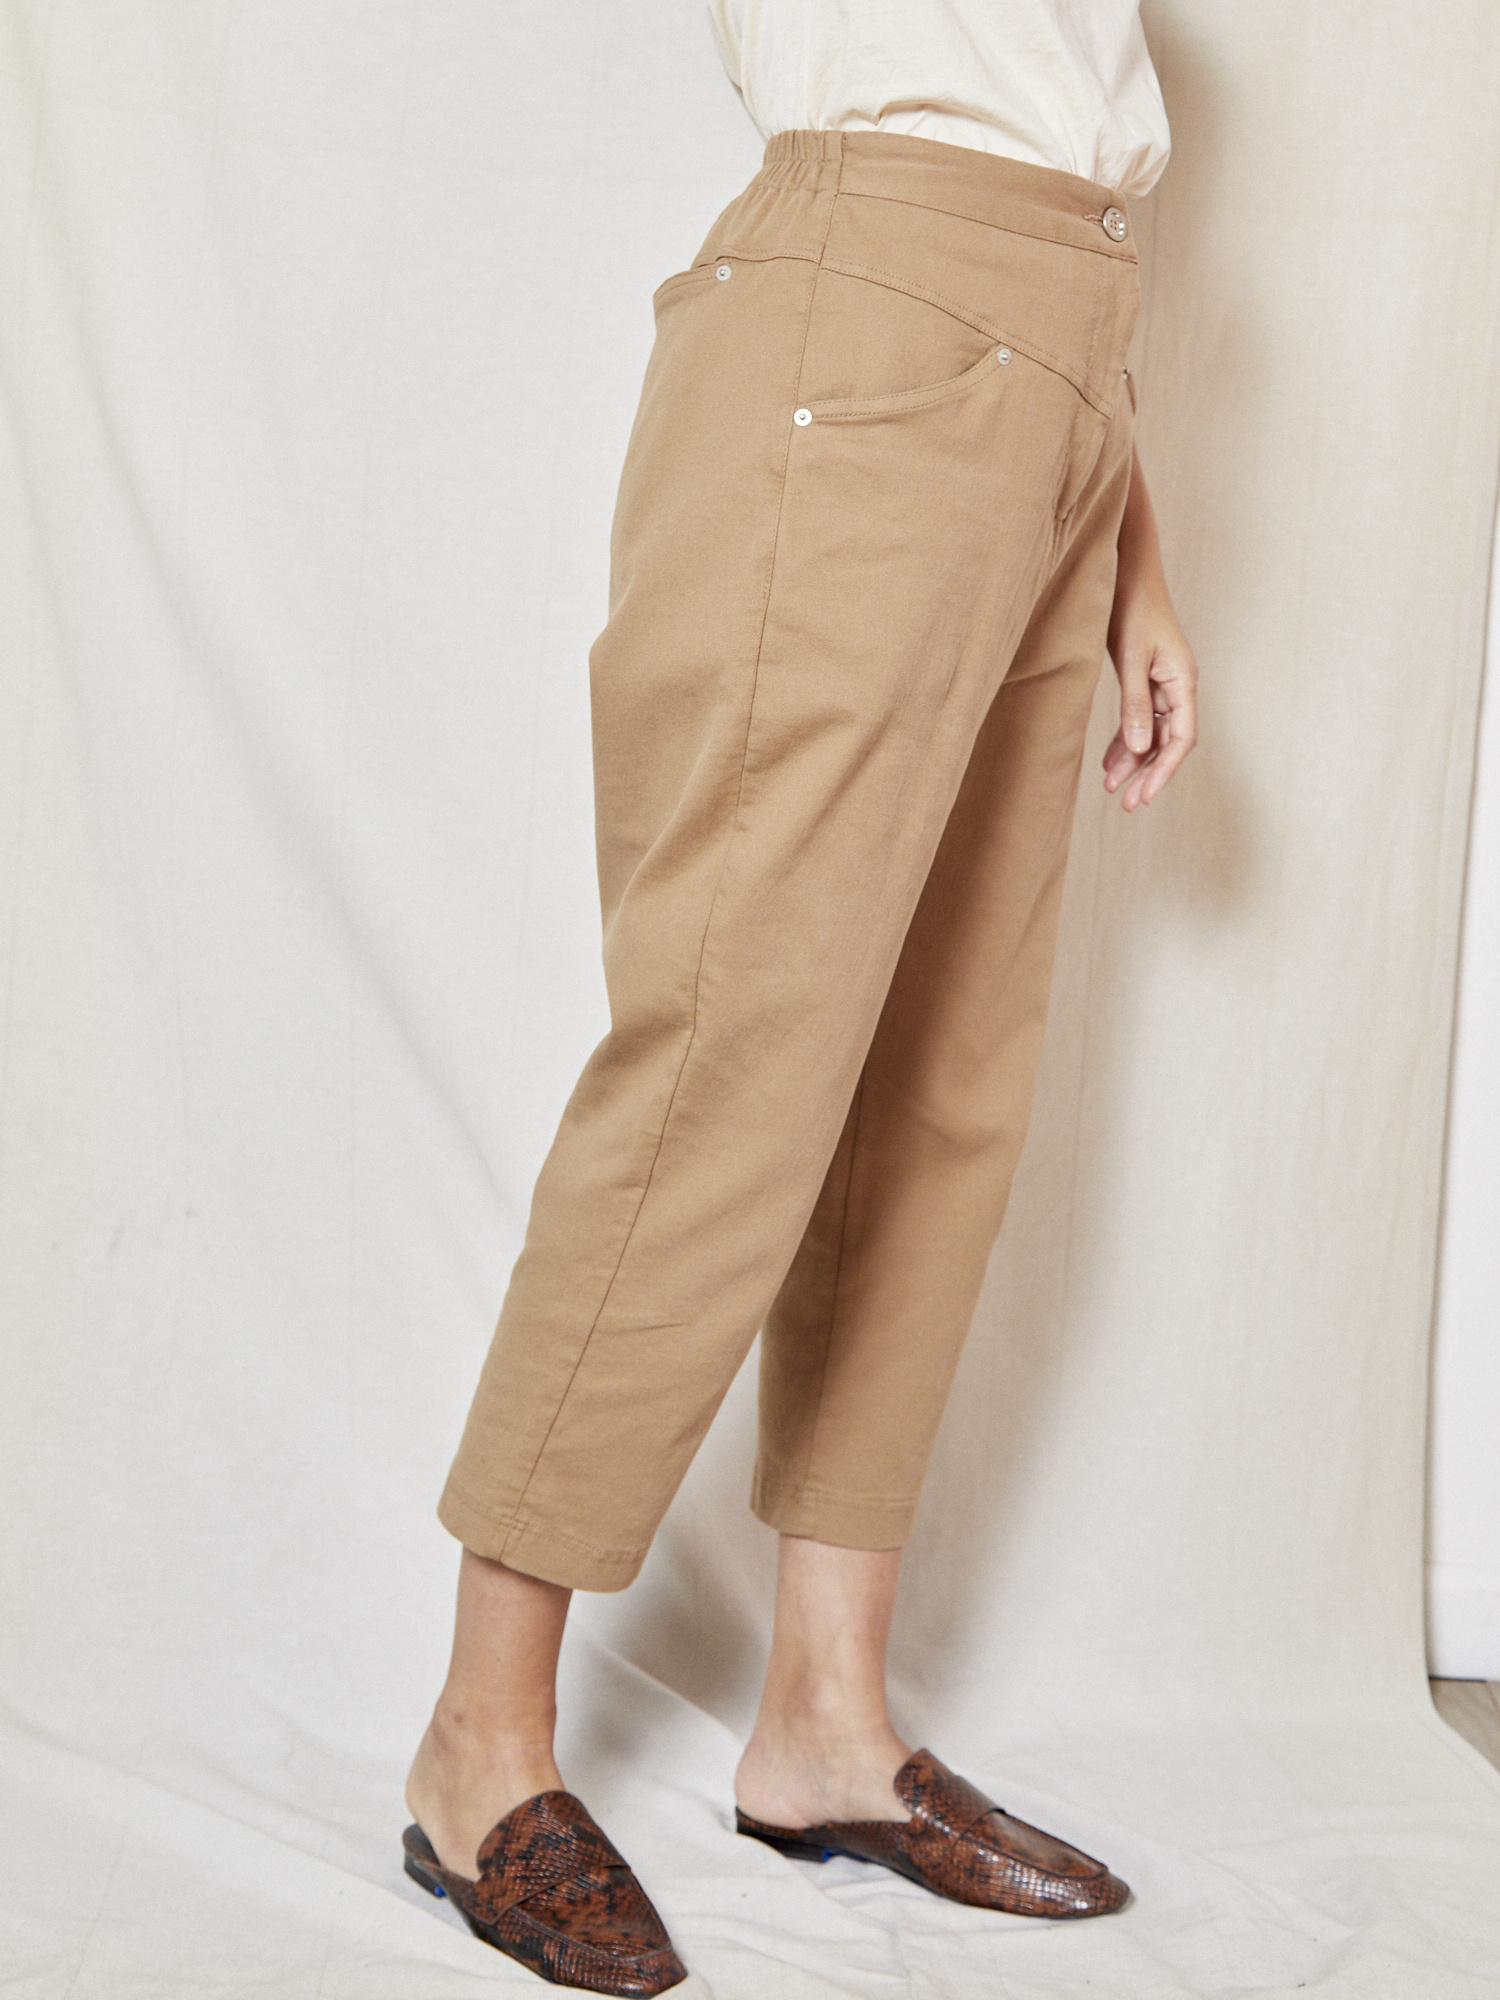 d.r concept Paneled Stretch Beige Pant